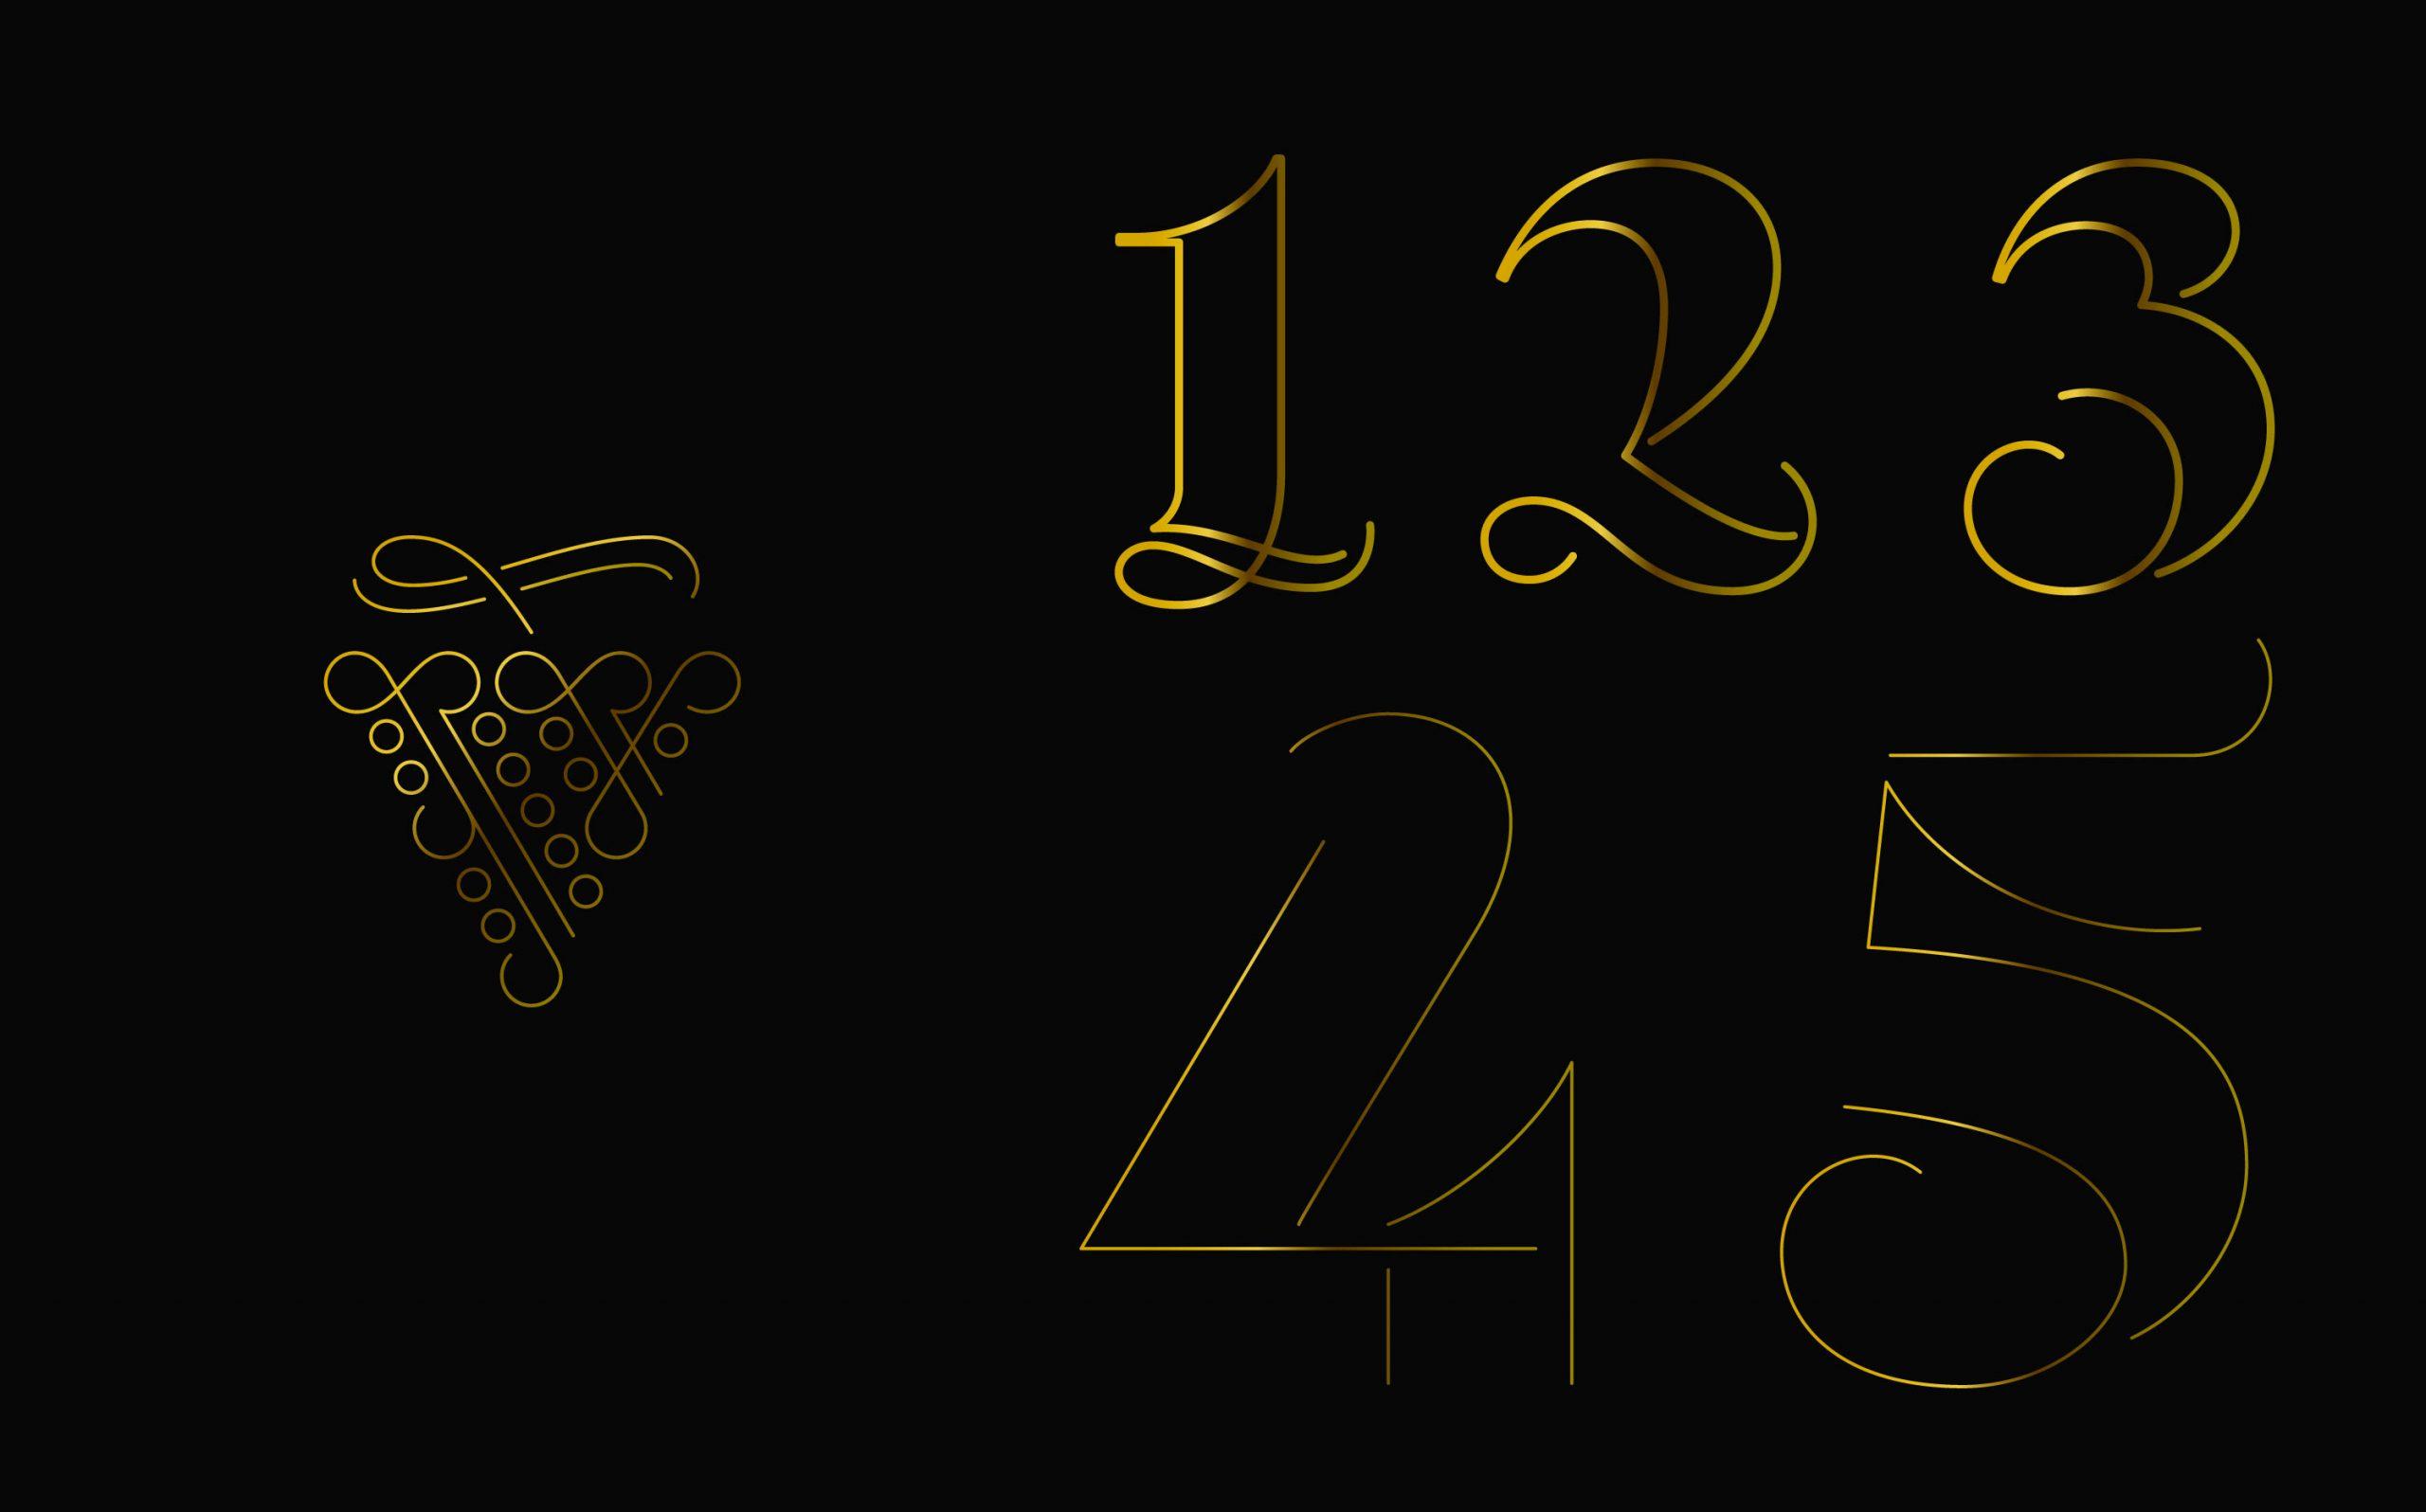 Editorial Design Wein in Österreich, Kompendium | handgezeichnete Ziffern und Titelgrafik | Keywords: Kompendium, Editorial Design, Lexikon, Nachschlagewerk, Standardwerk, Mikrotypografie, Typografie